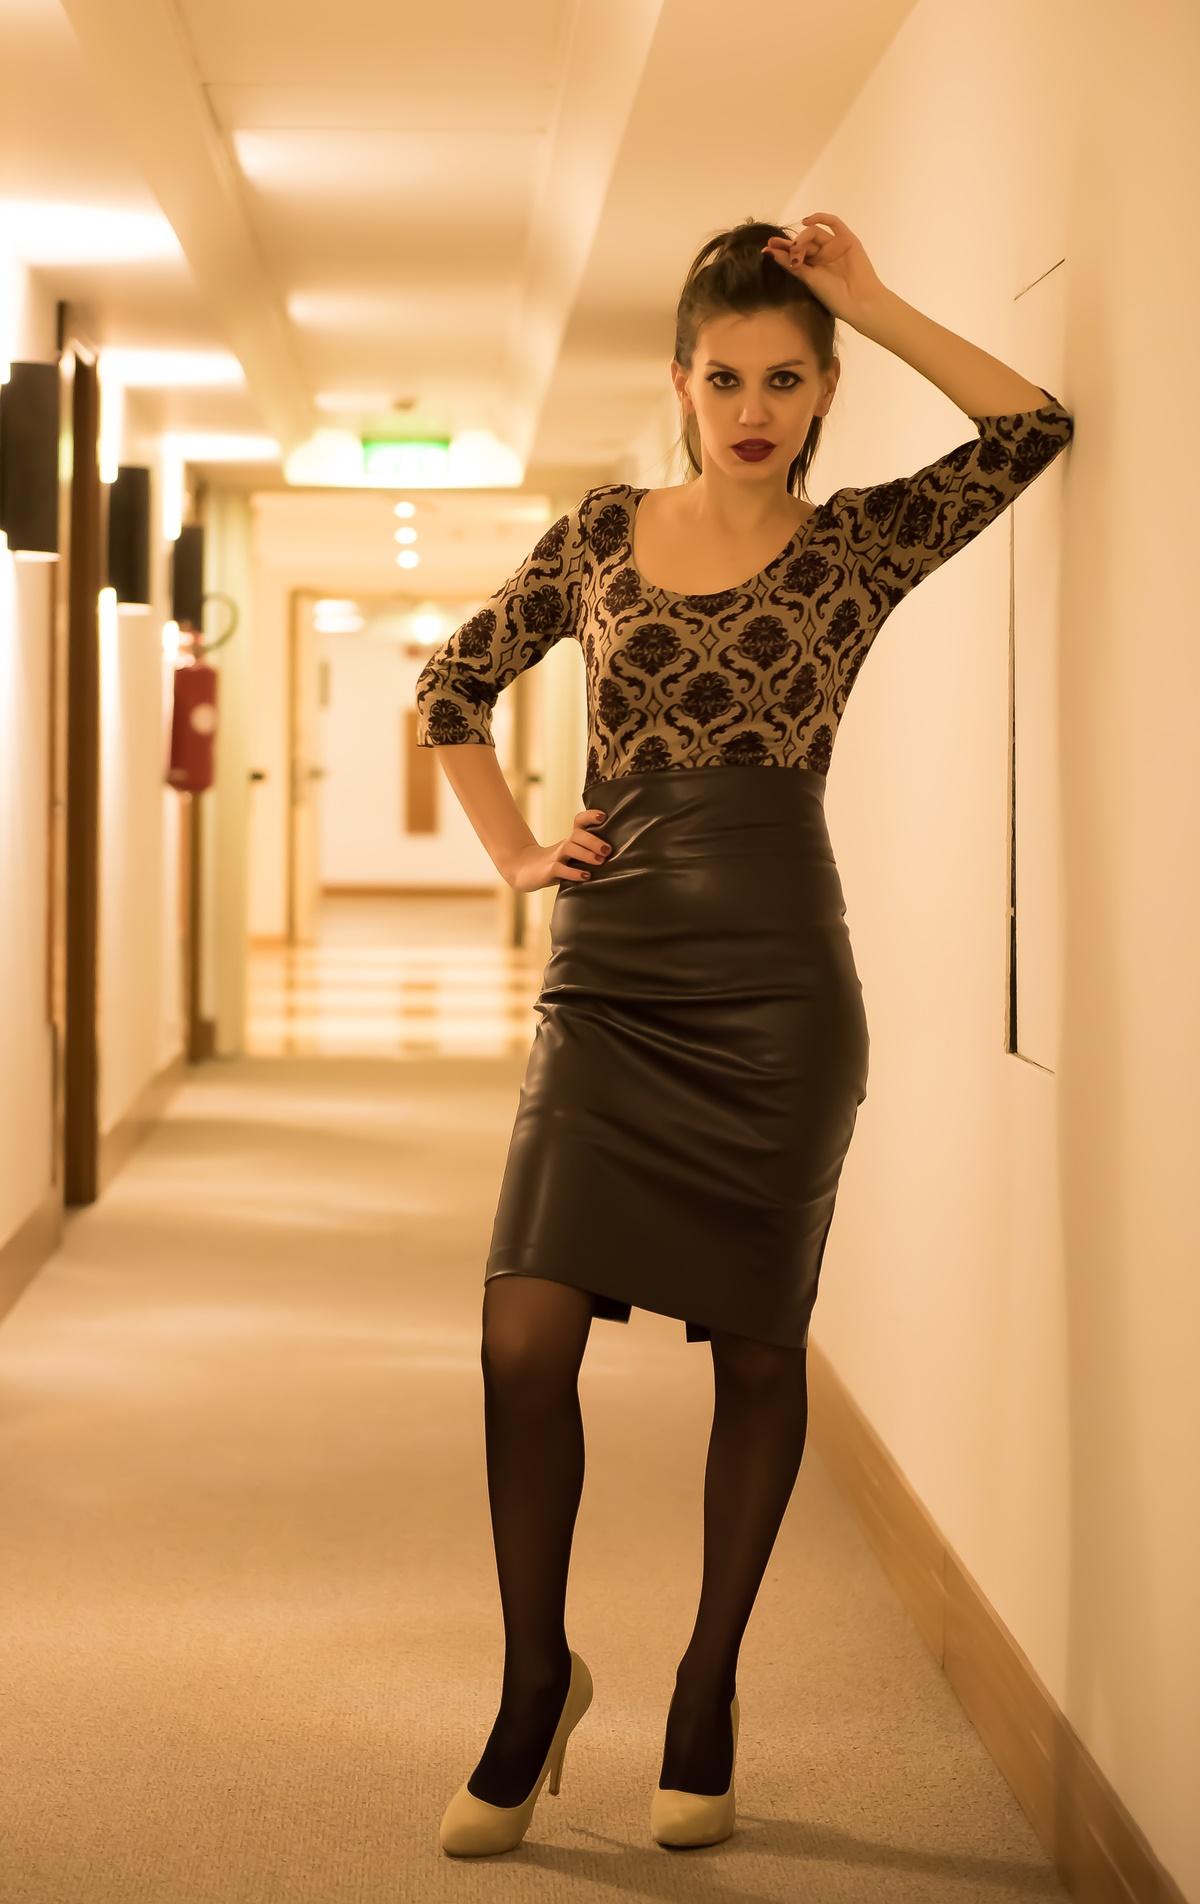 MY OUTFIT  Rochie cu fusta din piele. Ținută elegantă de birou